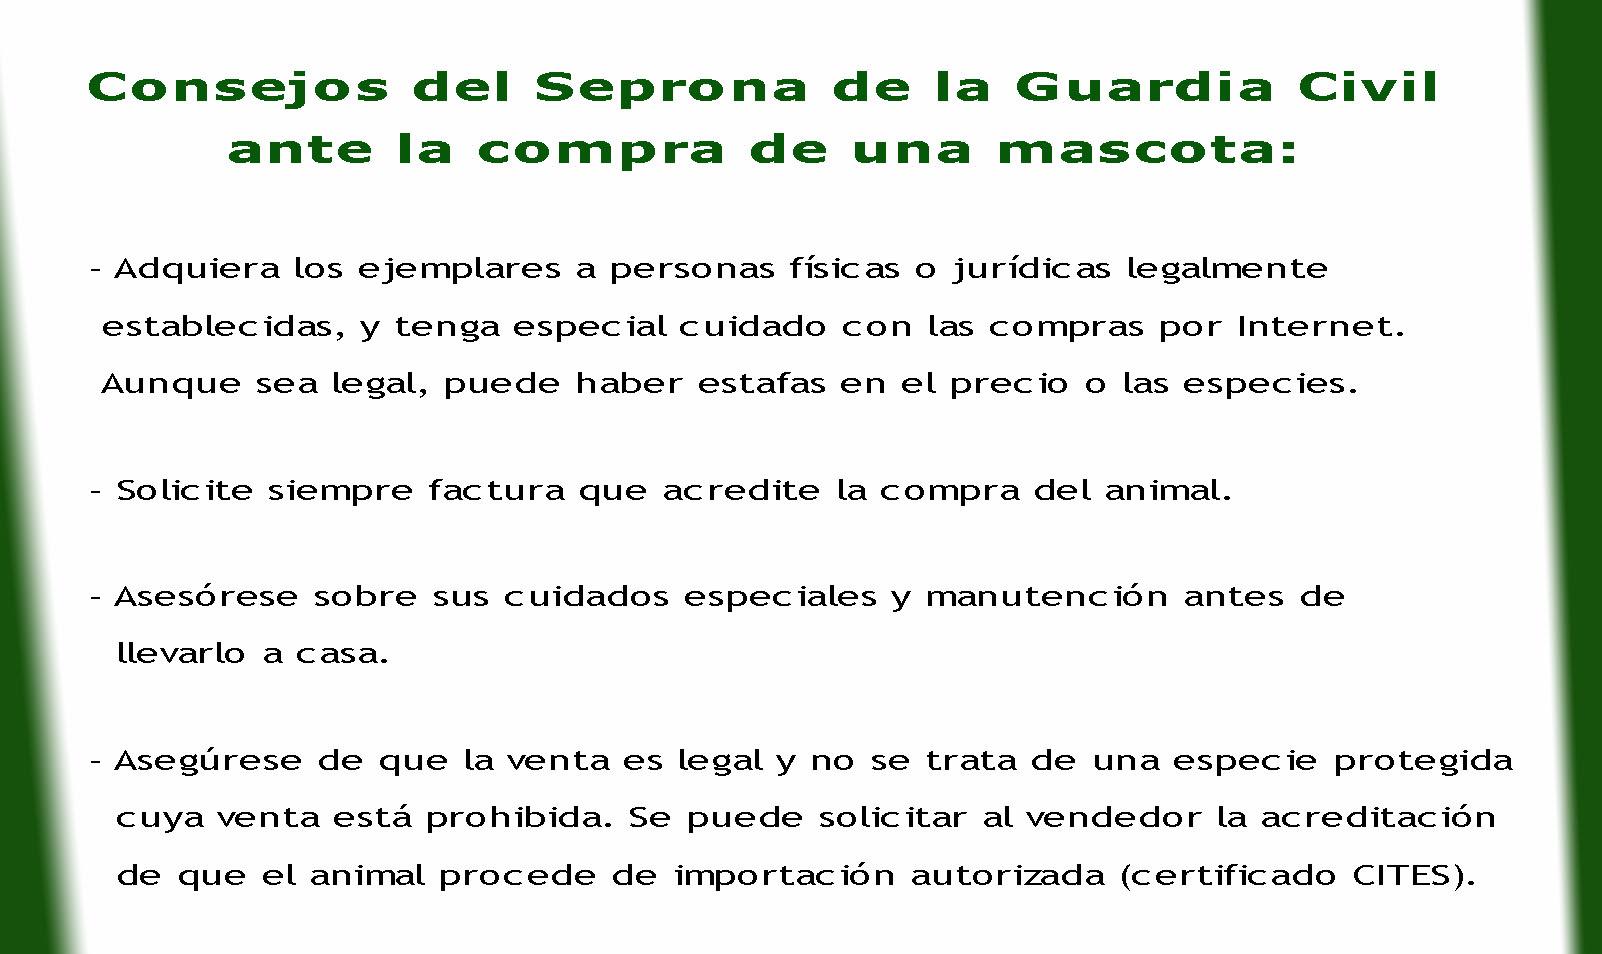 Consejos del Seprona de la Guardia Civil ante la compra de una mascota.